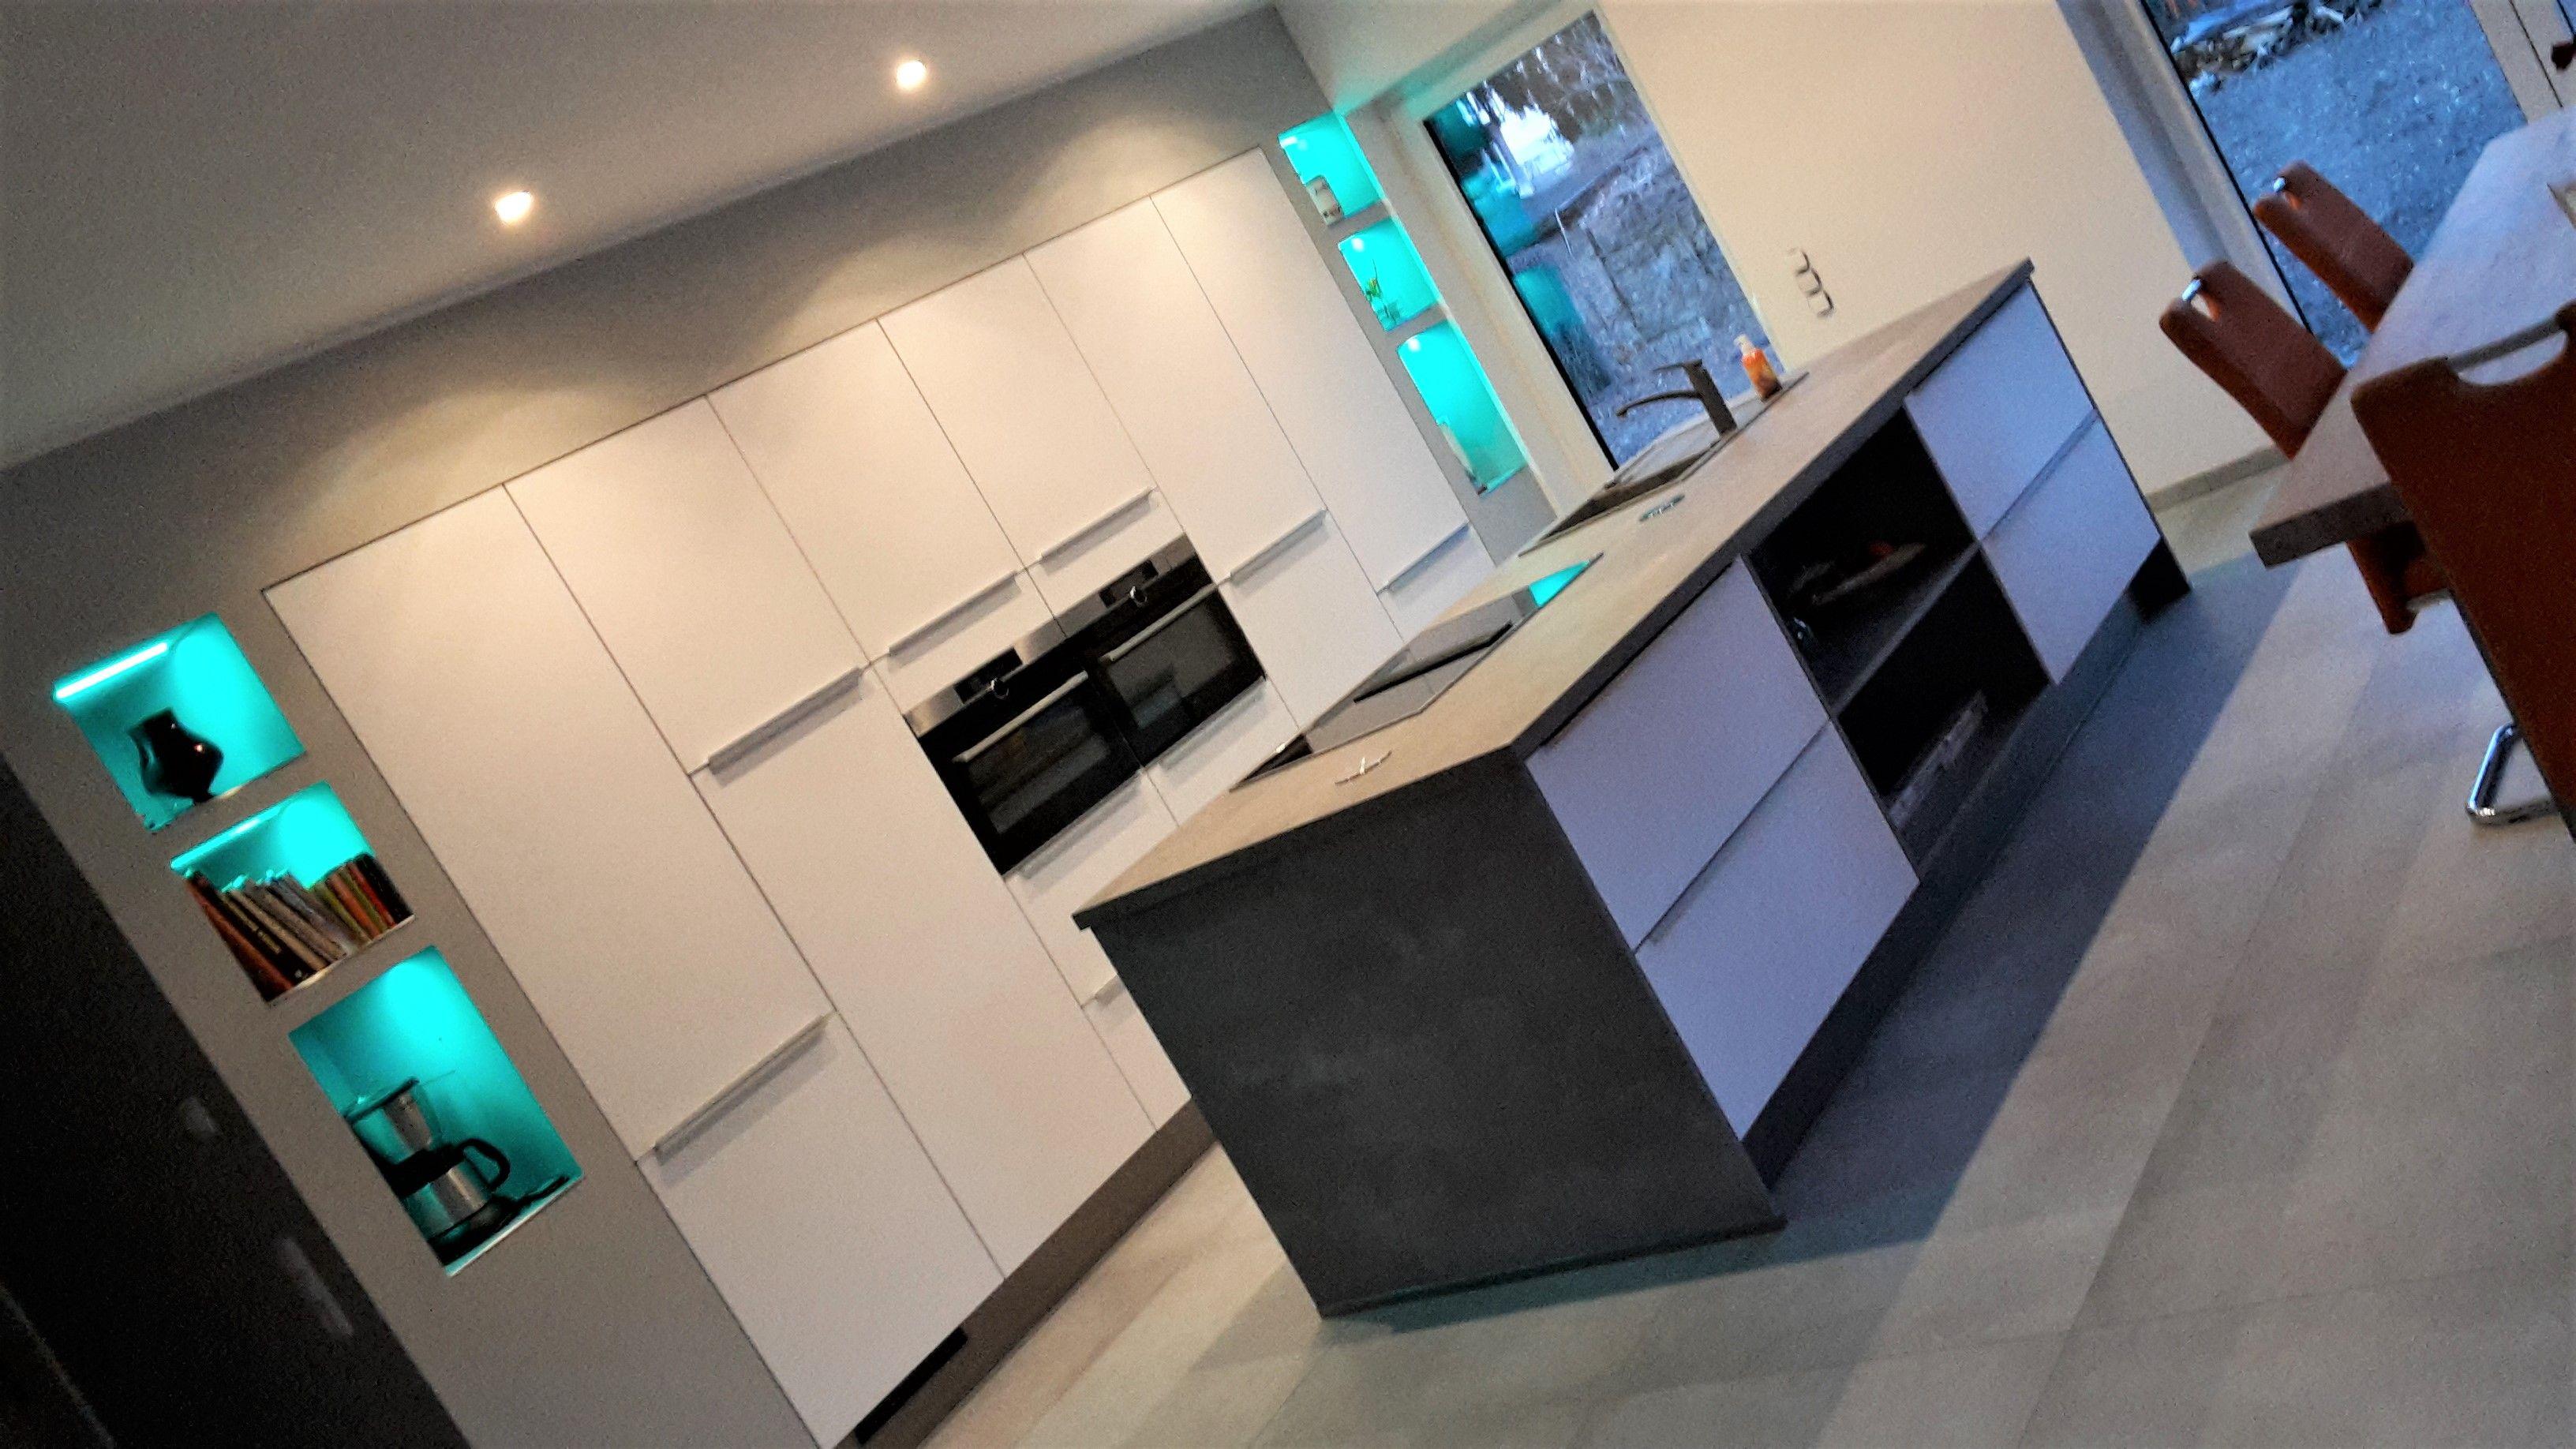 Küche und bad design moderne weiße küchen kommen durch beleuchtete regale richtig zur